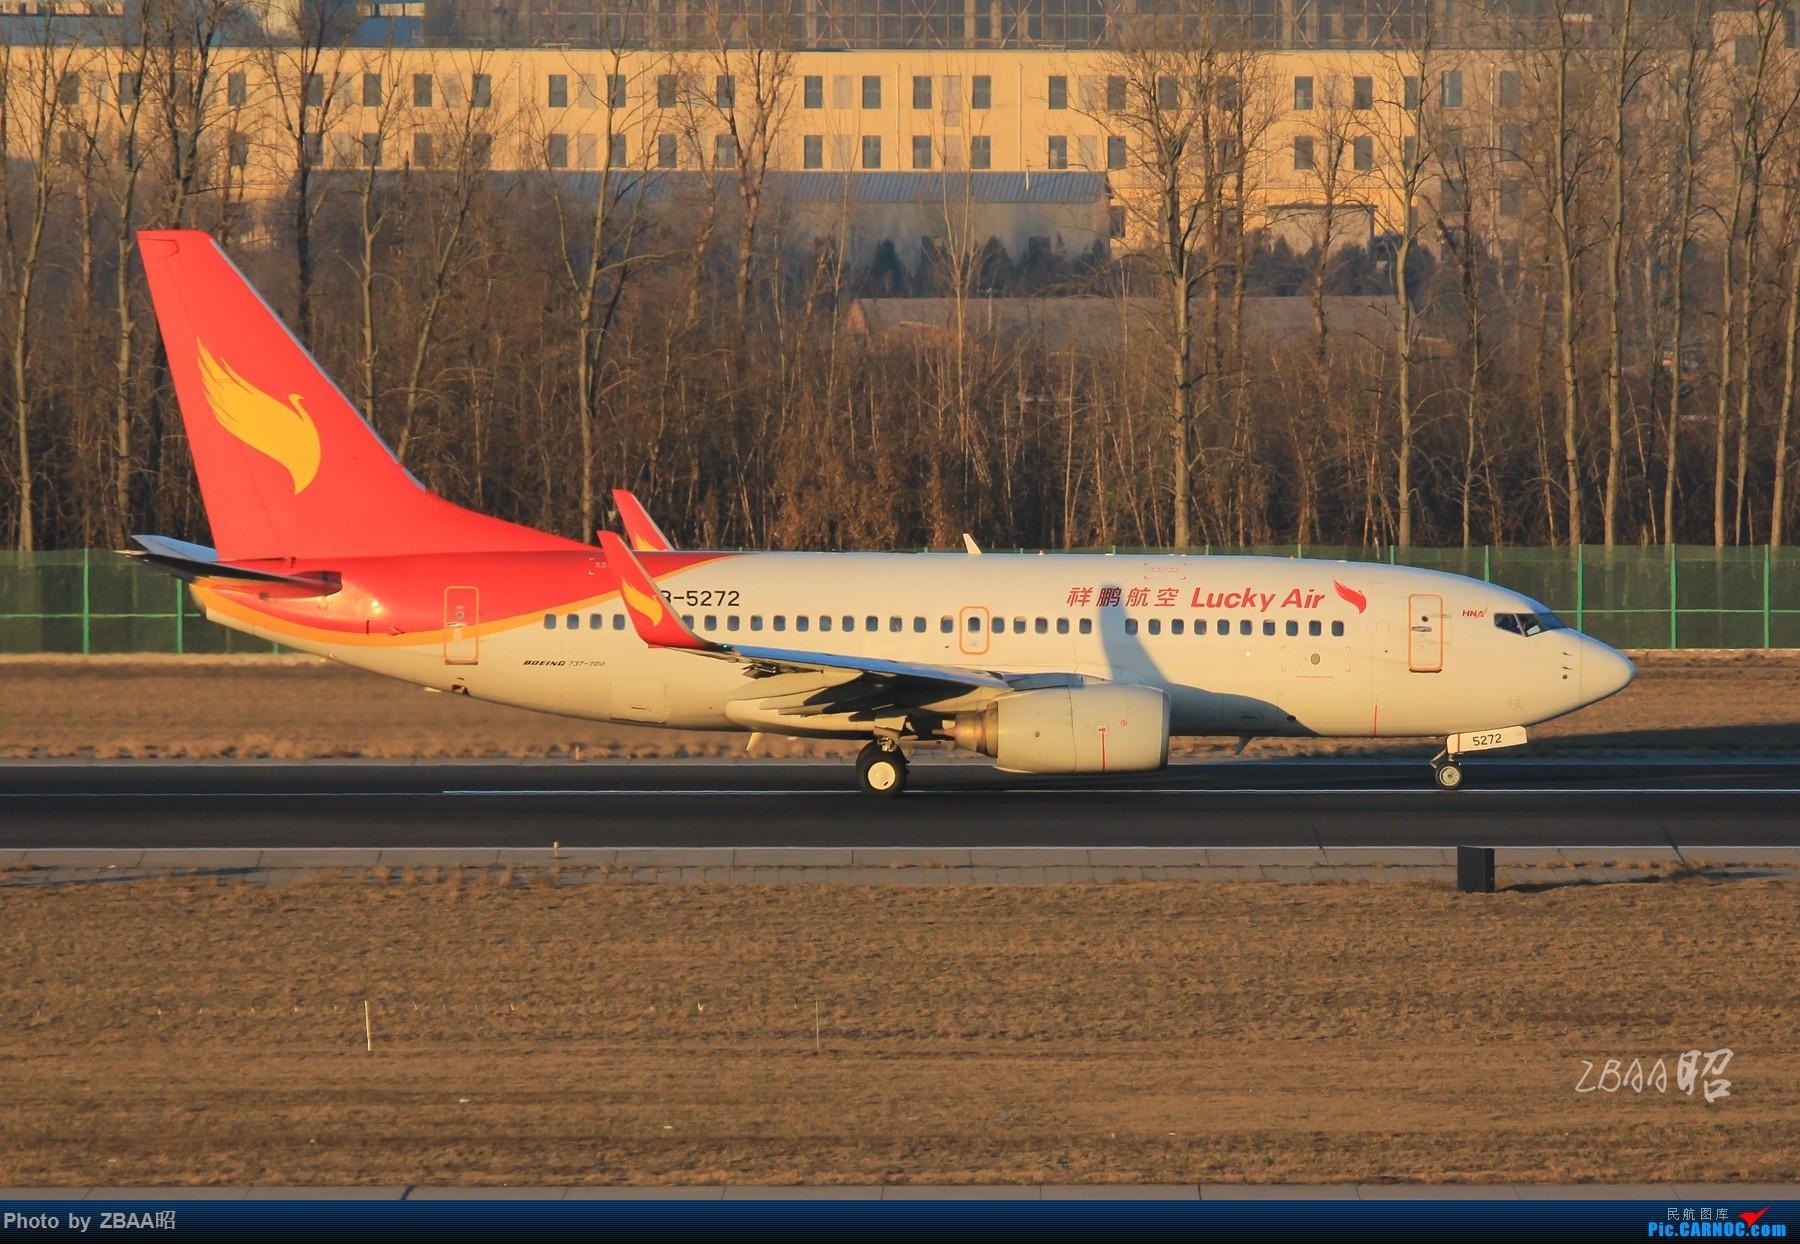 Re:[原创]飞友聚会后的独自疯狂,格林豪泰隔天怒打ZBAA 36L跑道,夜拍海航宽体机,寒风中坚守楼顶阵地 BOEING 737-700 B-5272 中国北京首都国际机场